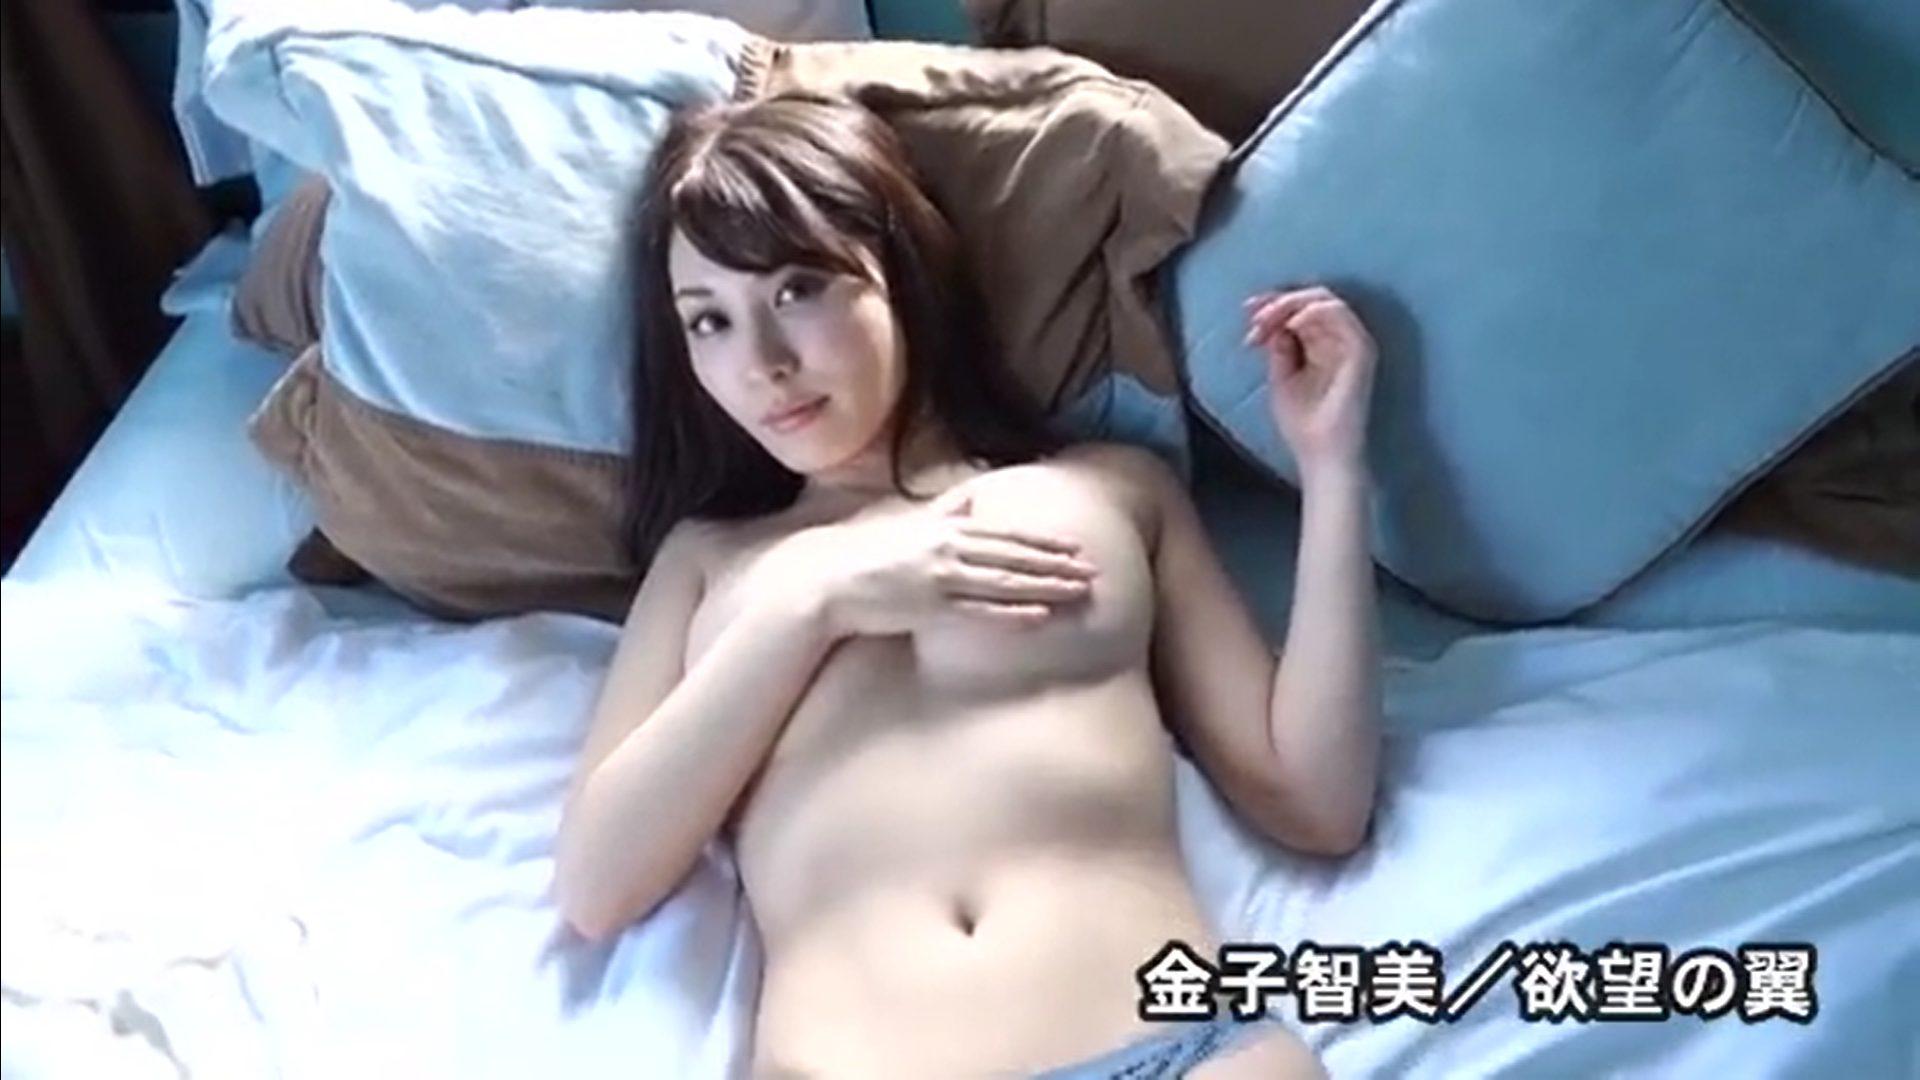 【金子智美】Fカップ10 「欲望の翼」サンプル動画